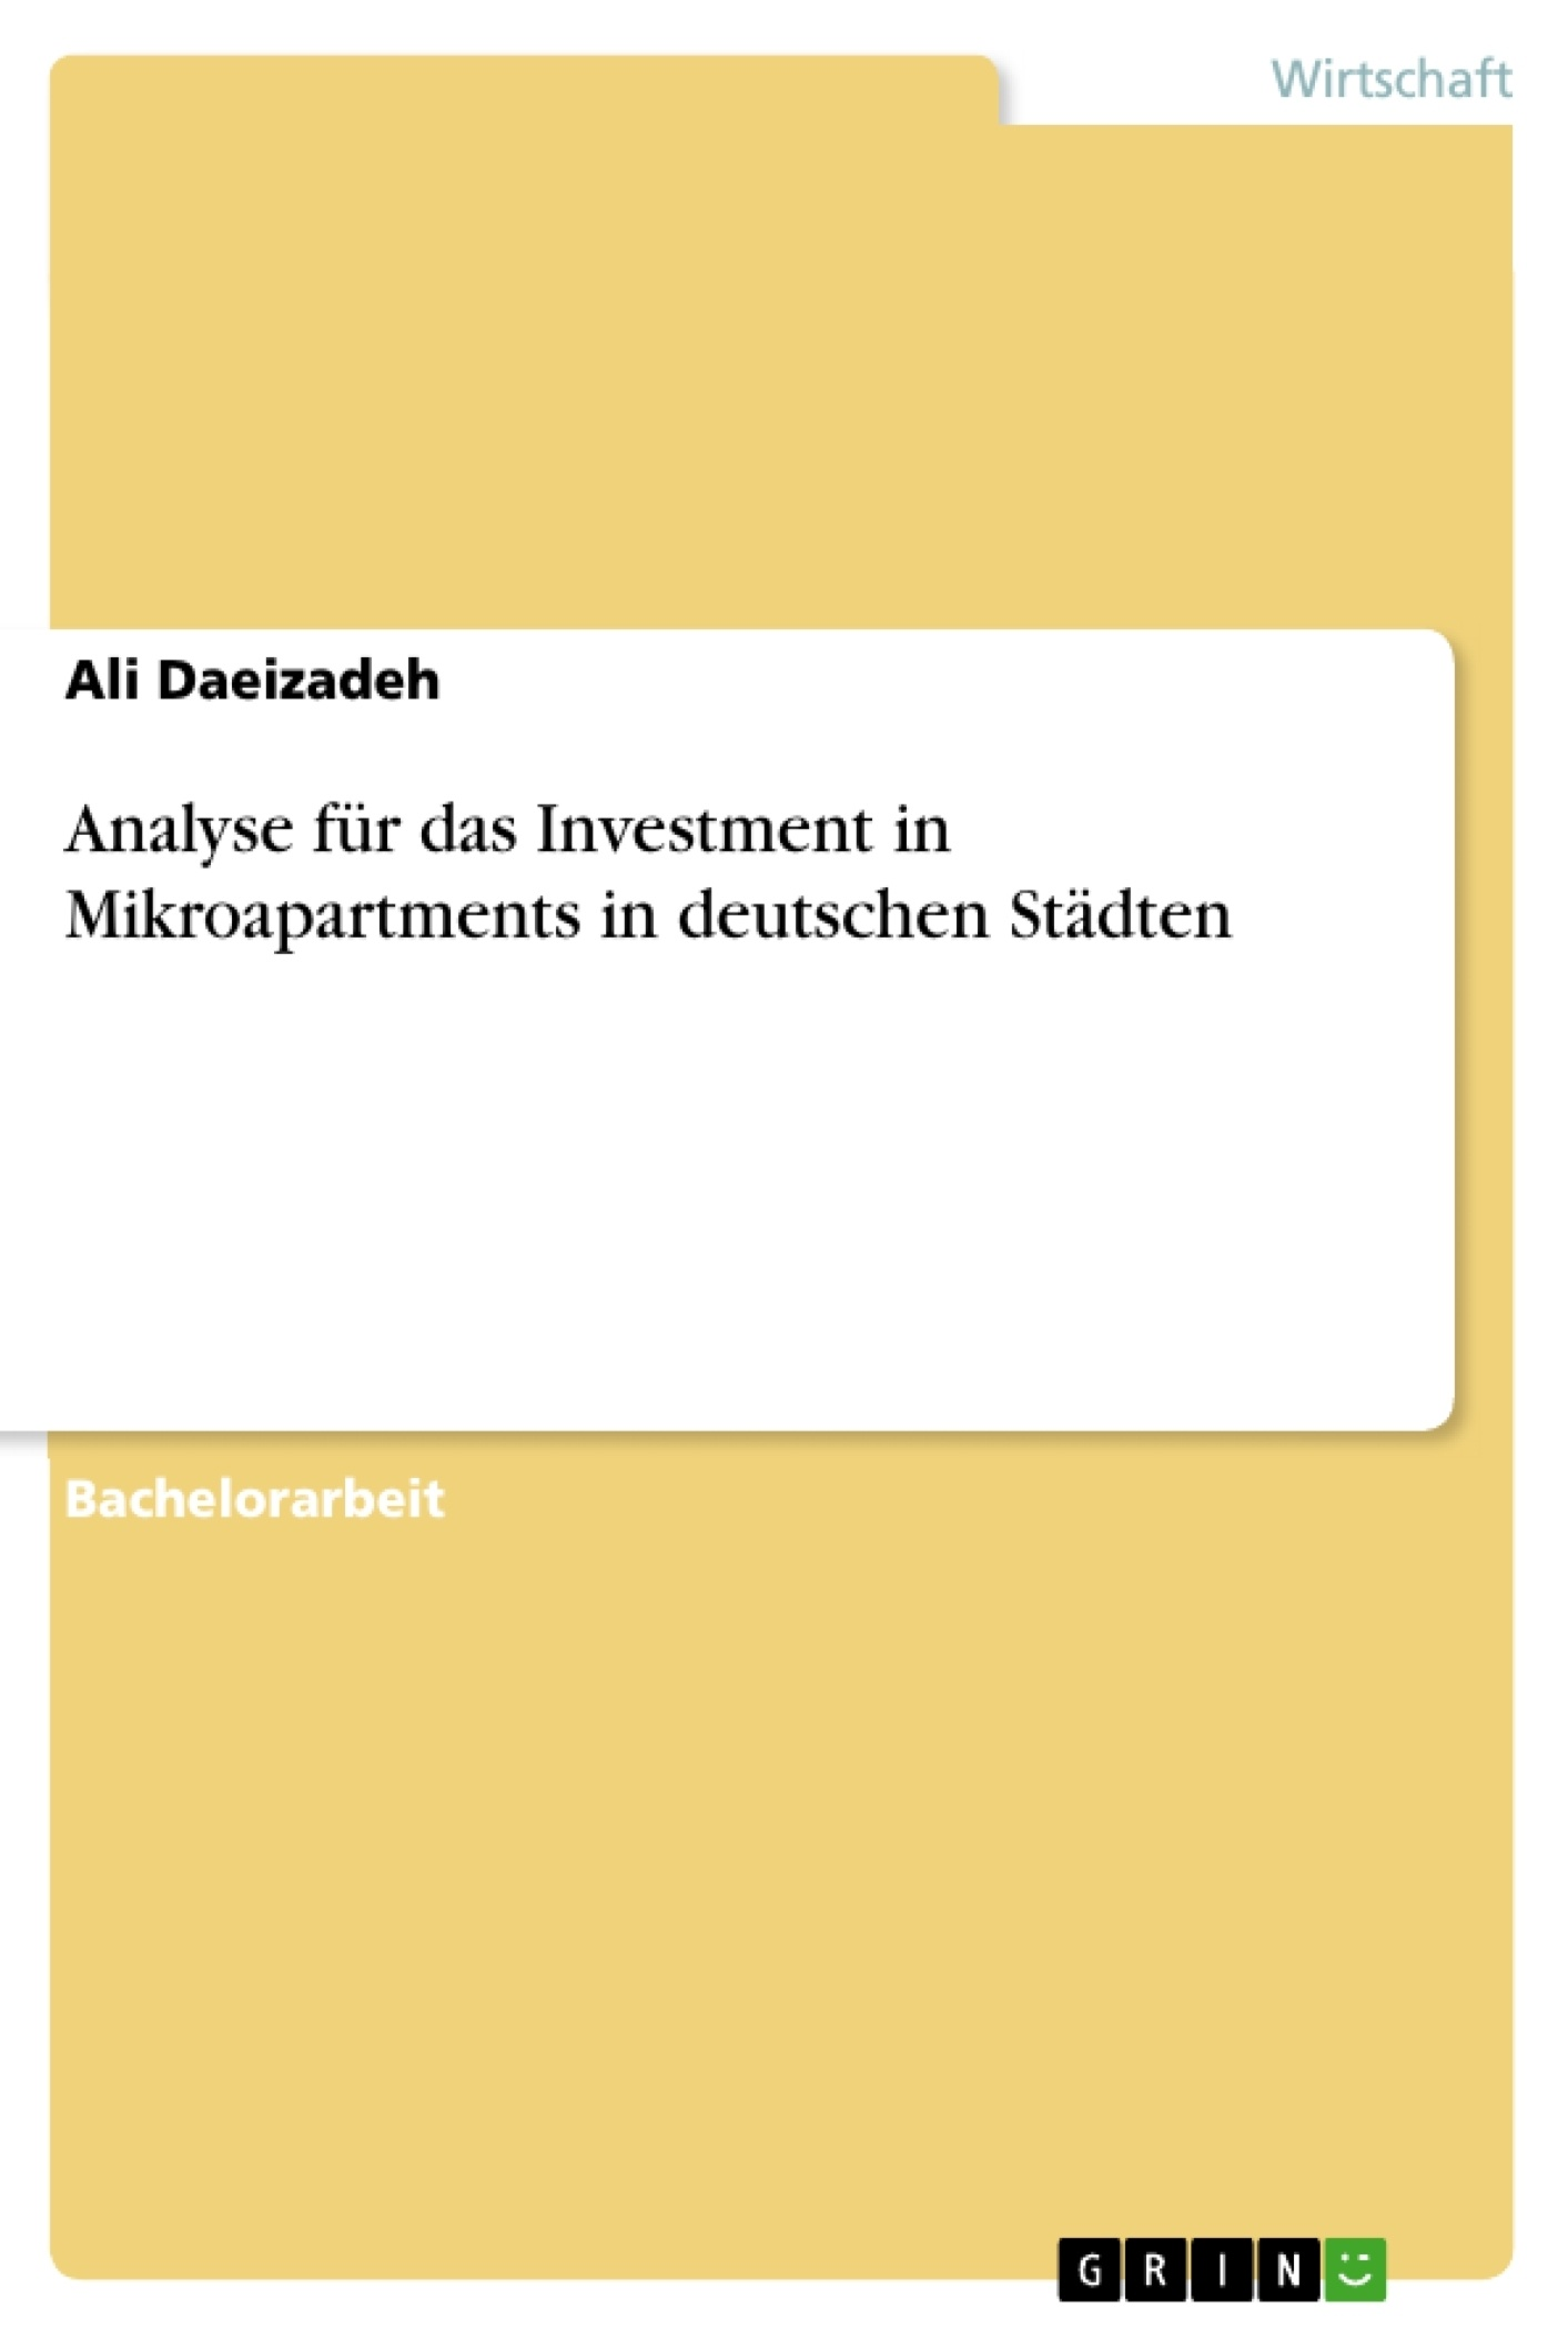 Titel: Analyse für das Investment in Mikroapartments in deutschen Städten